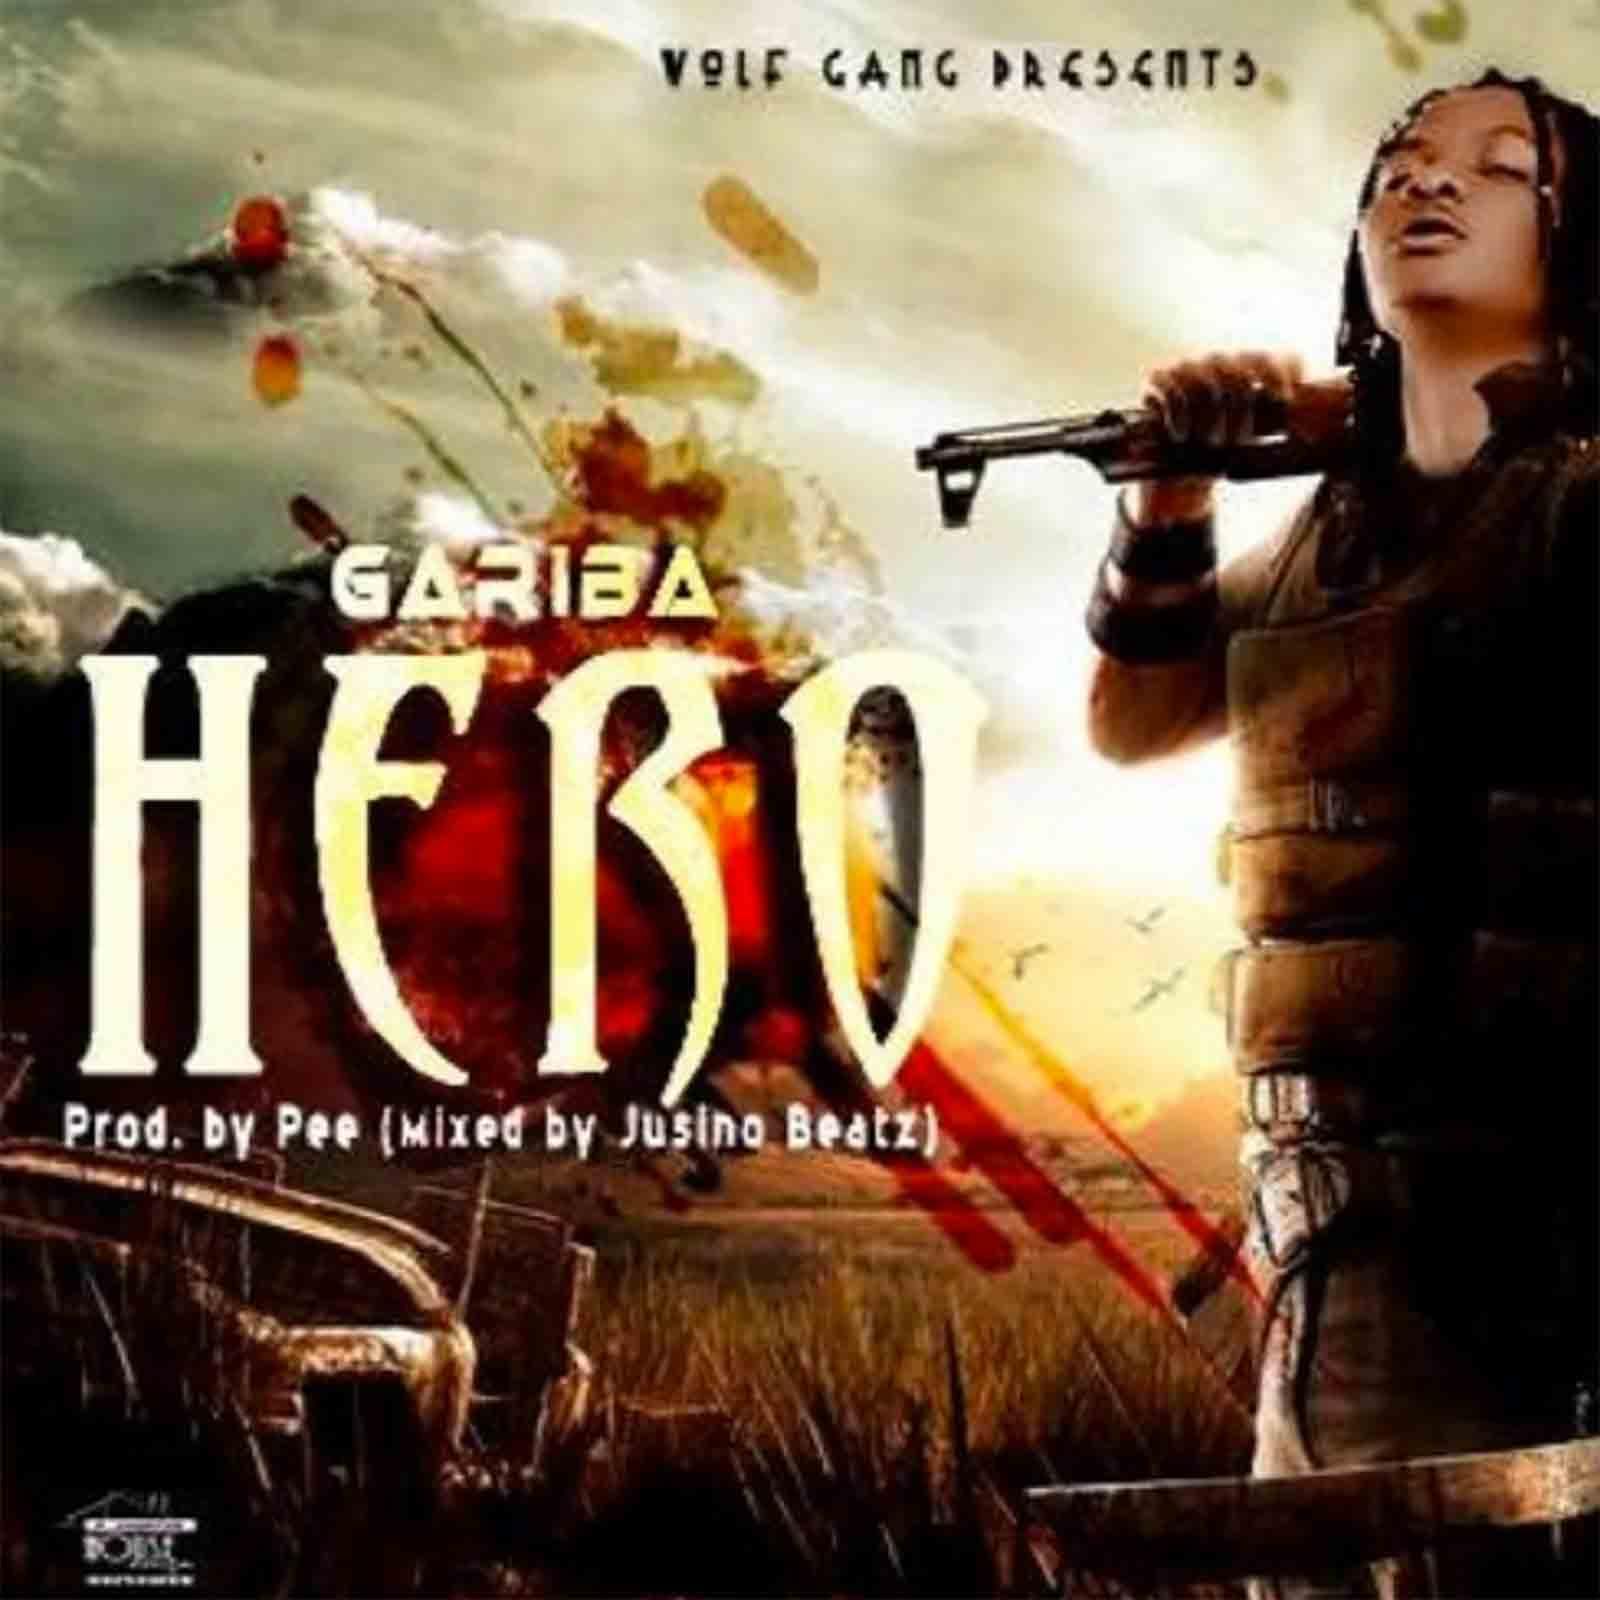 Hero by Gariba